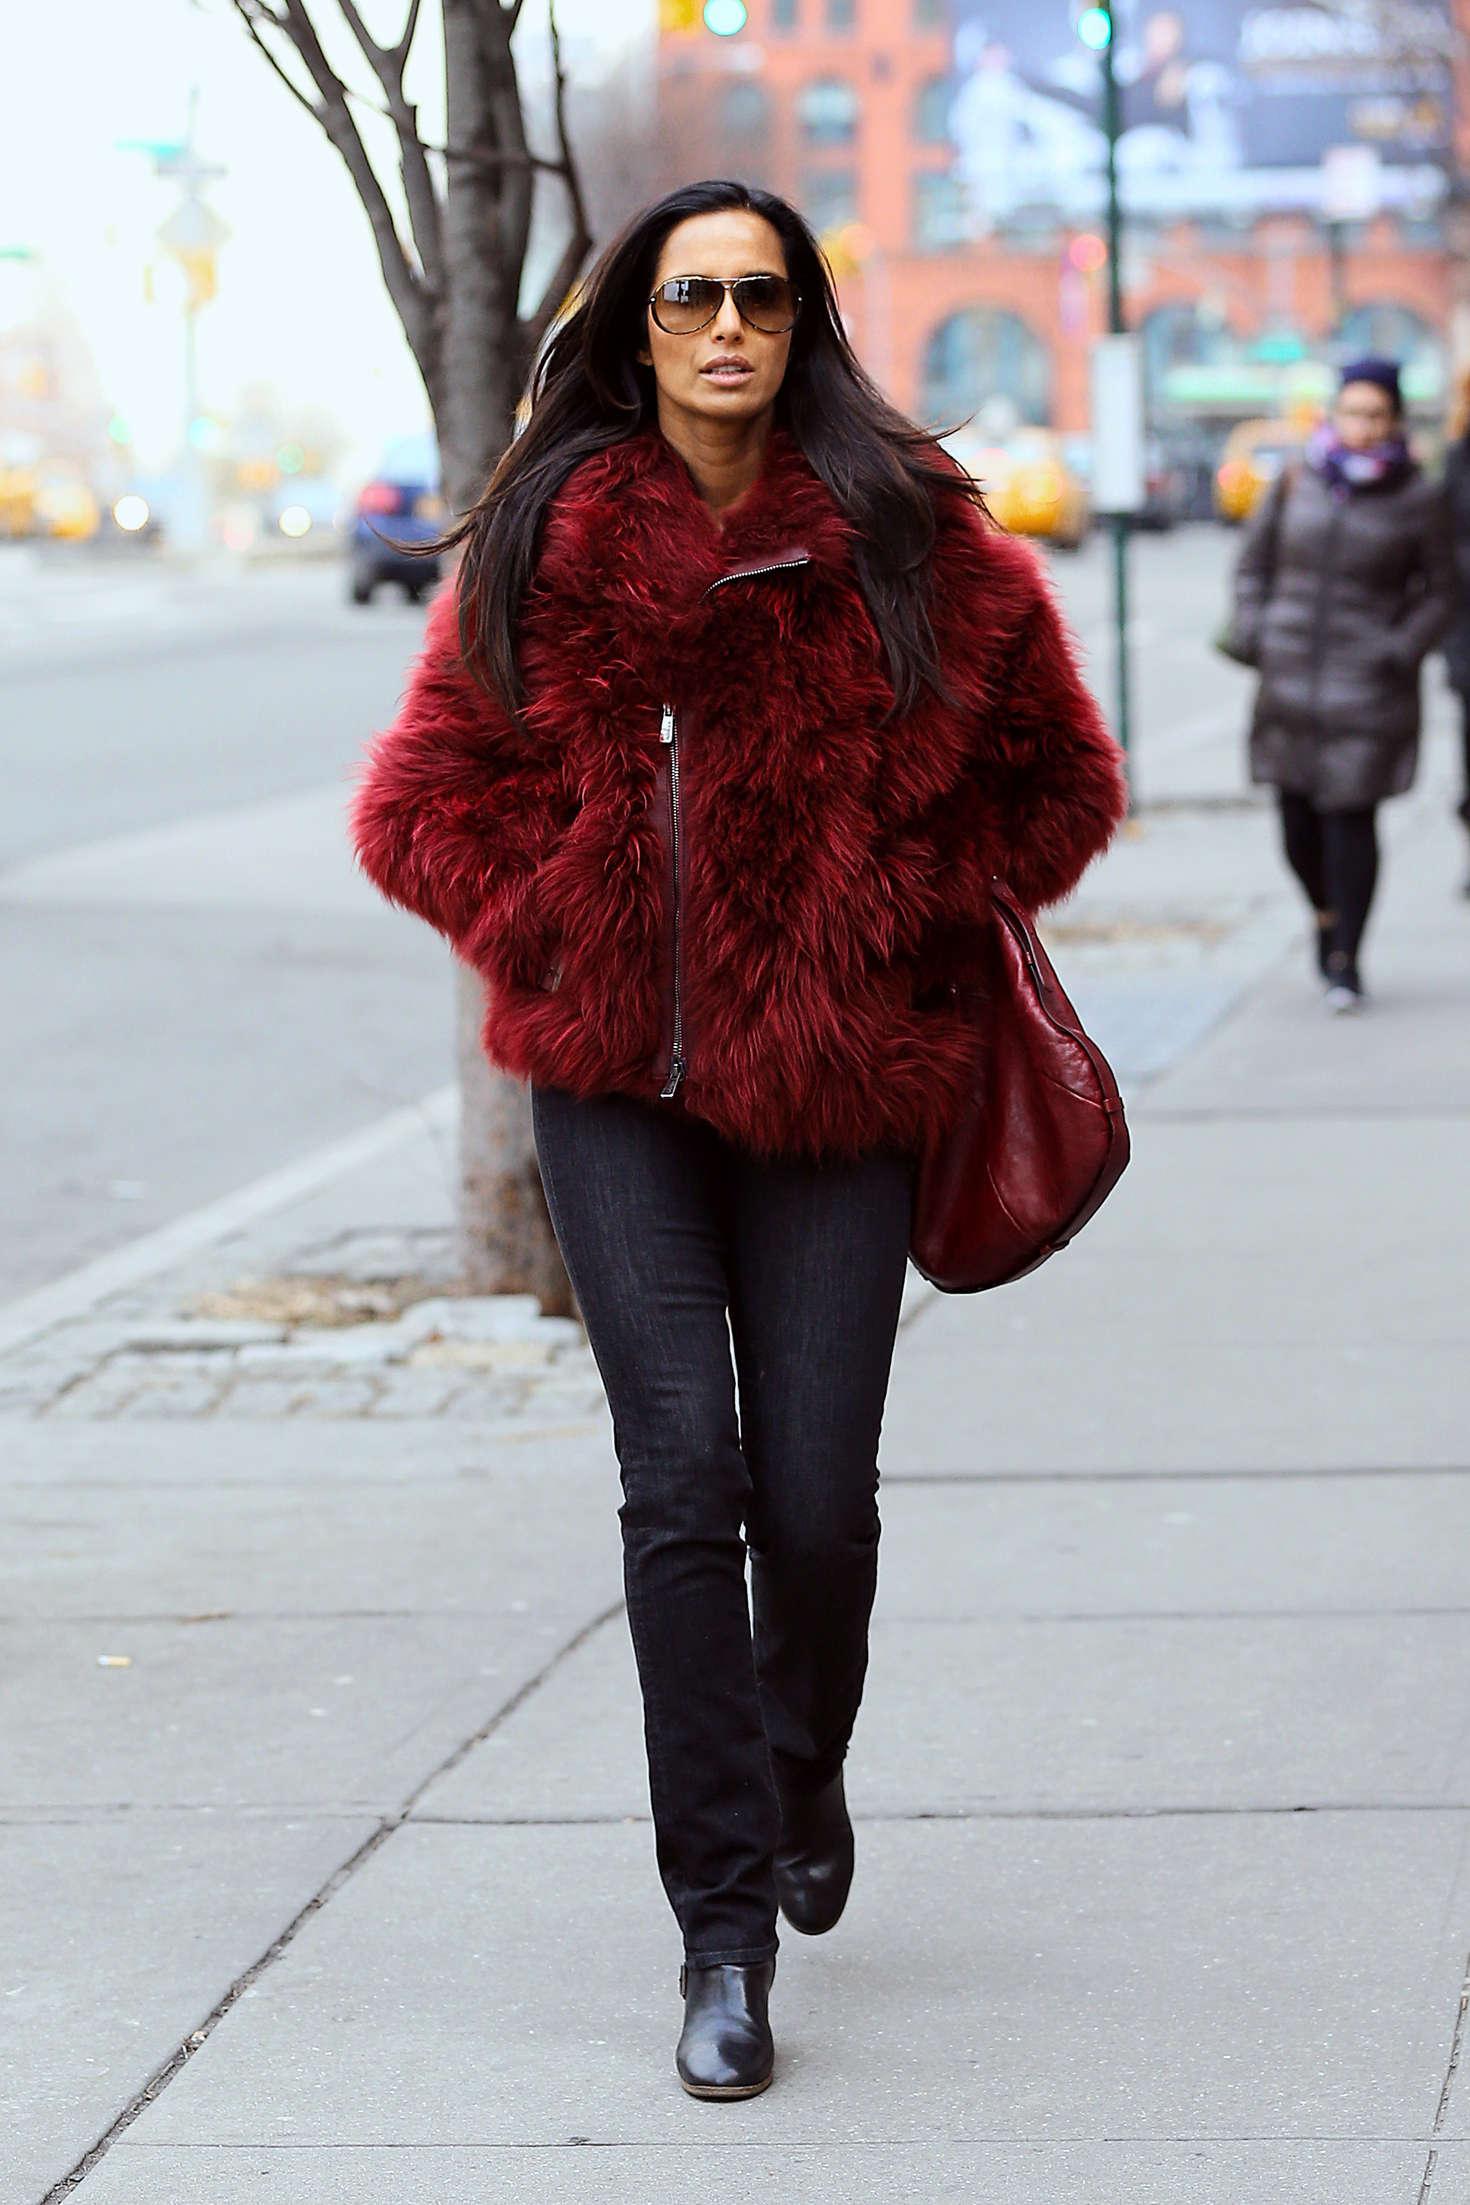 Padma Lakshmi in red fur coat out in New York